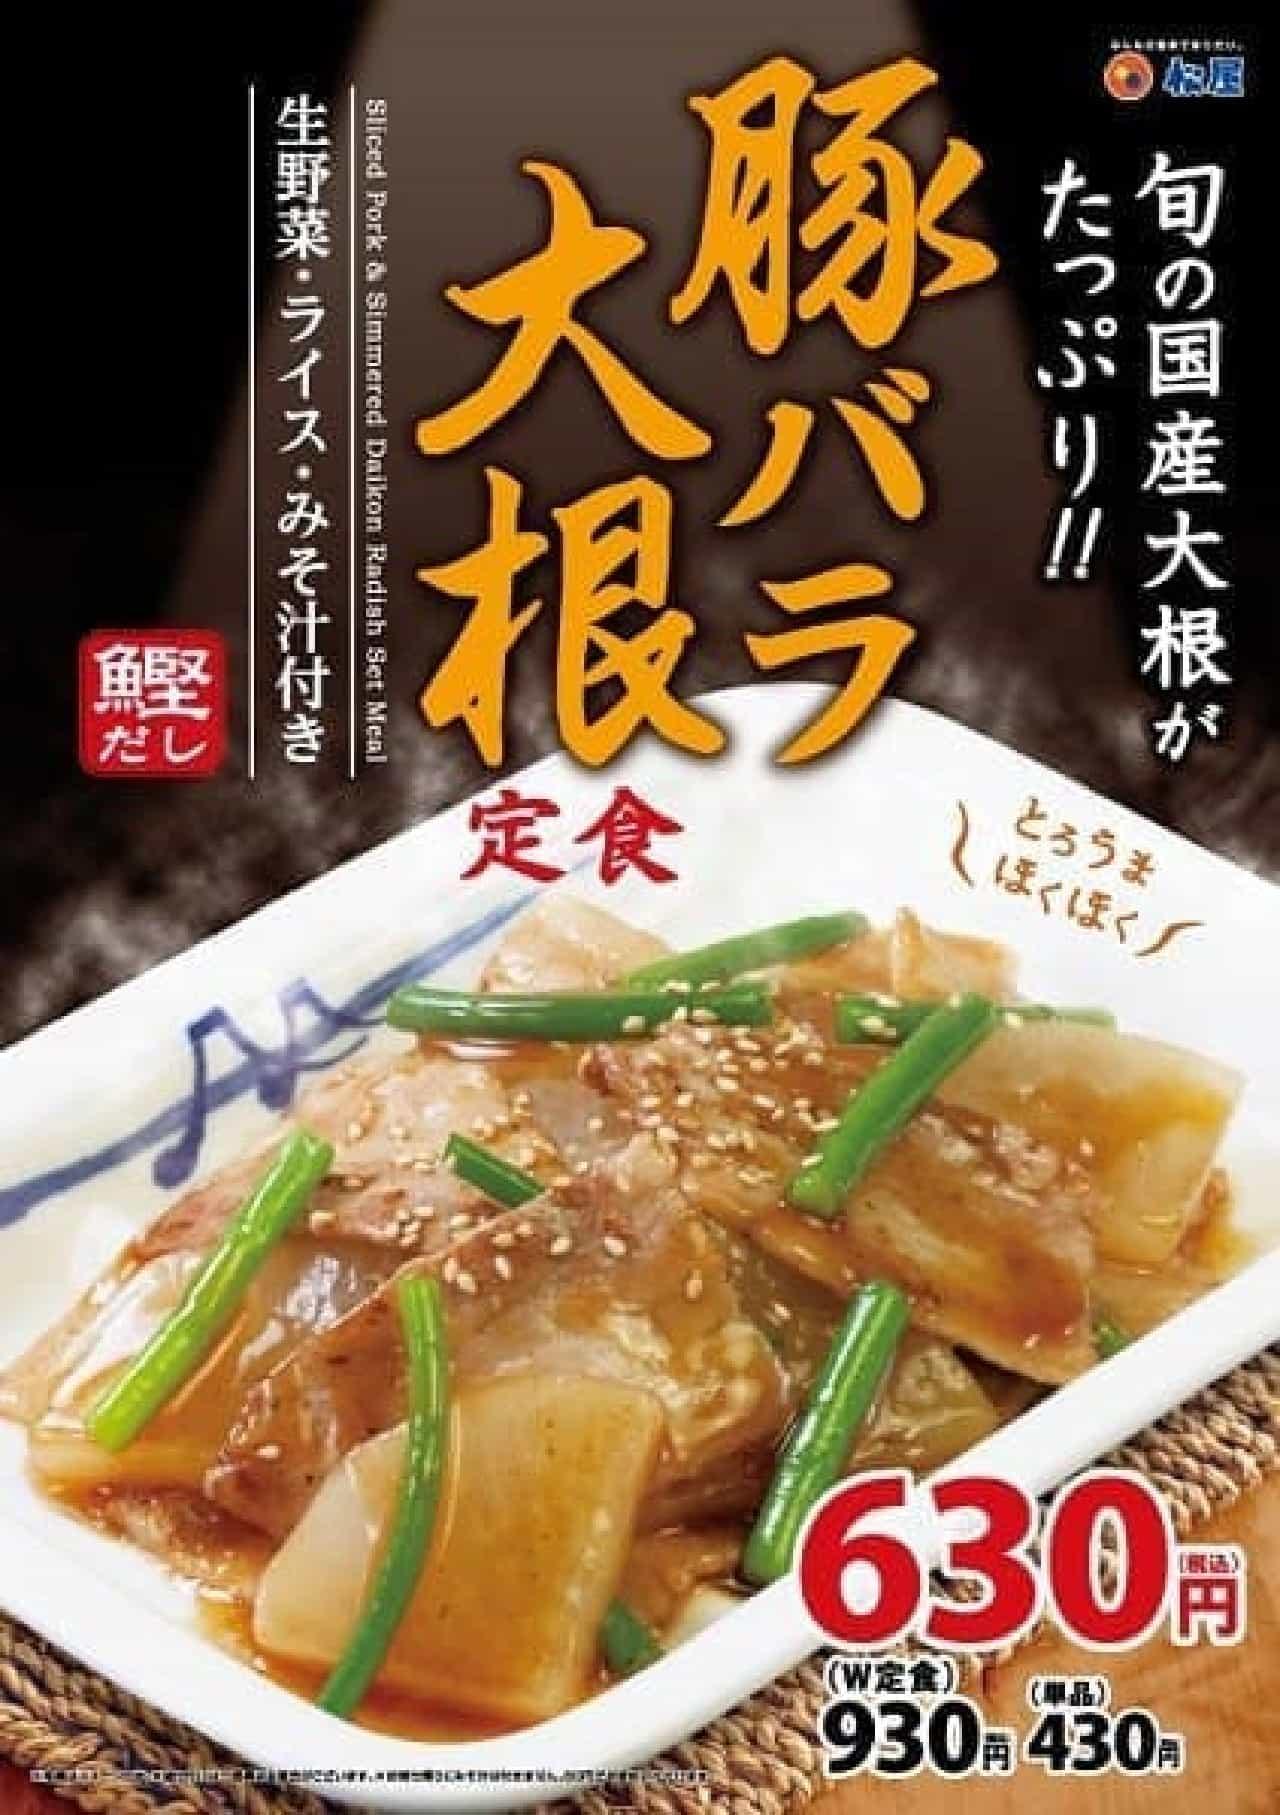 松屋「豚バラ大根定食」